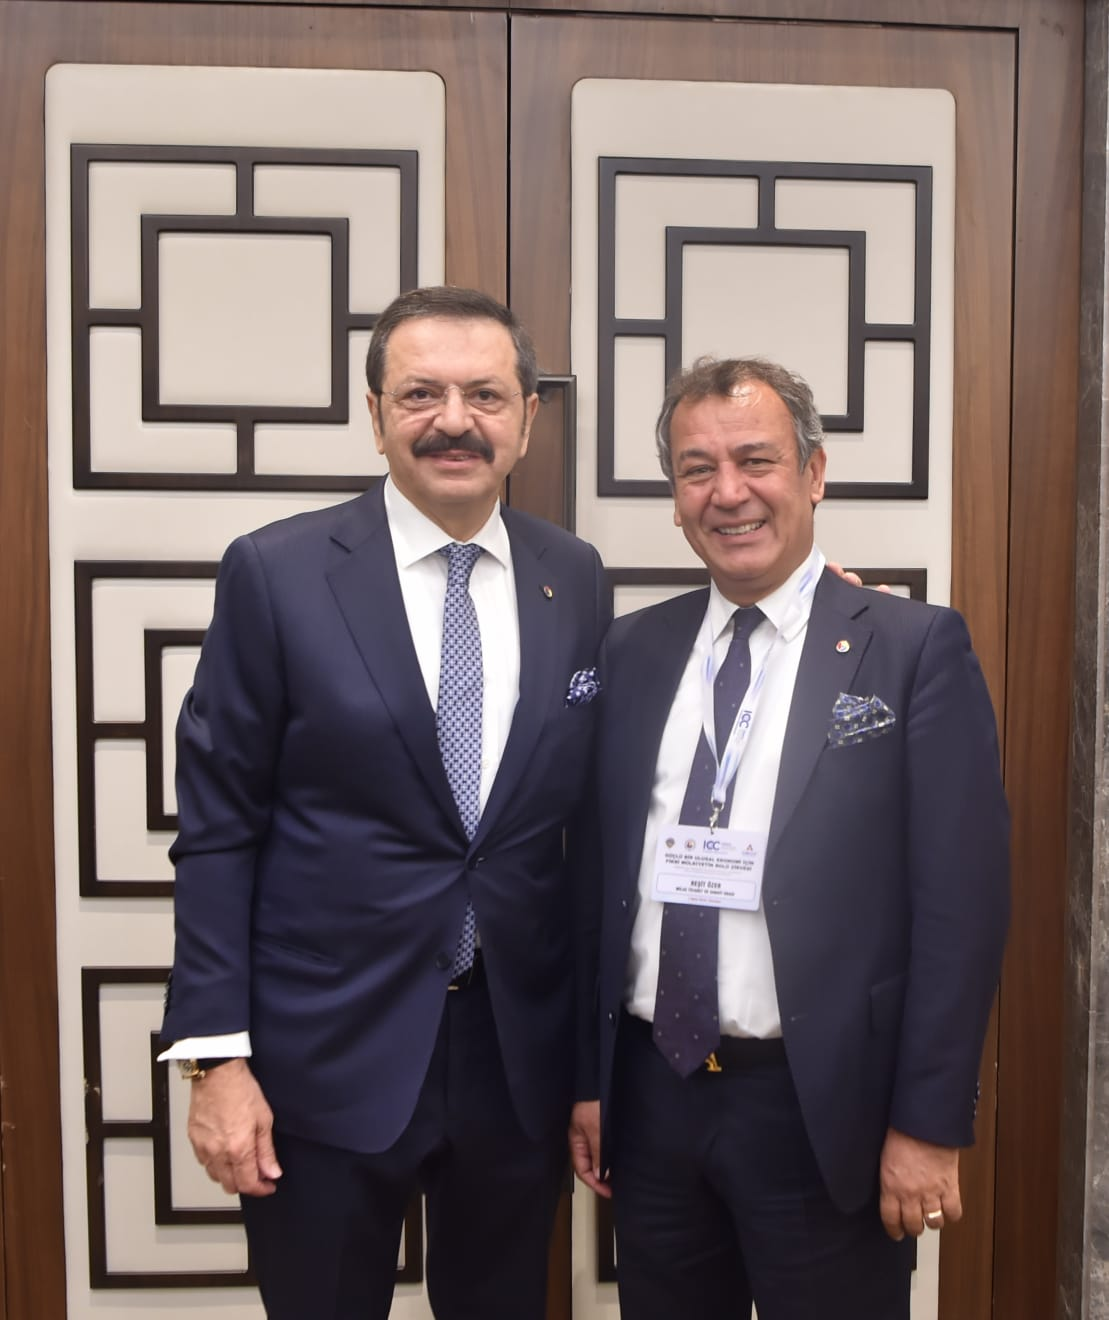 TOBB'nin Dış İlişkiler Komisyonu Raportör üyesi Reşit Özer de katıldı. INCOTERMS 2020 MENA BÖLGESİ AÇILIŞ ZİRVESİ İSTANBUL'DA YAPILDI